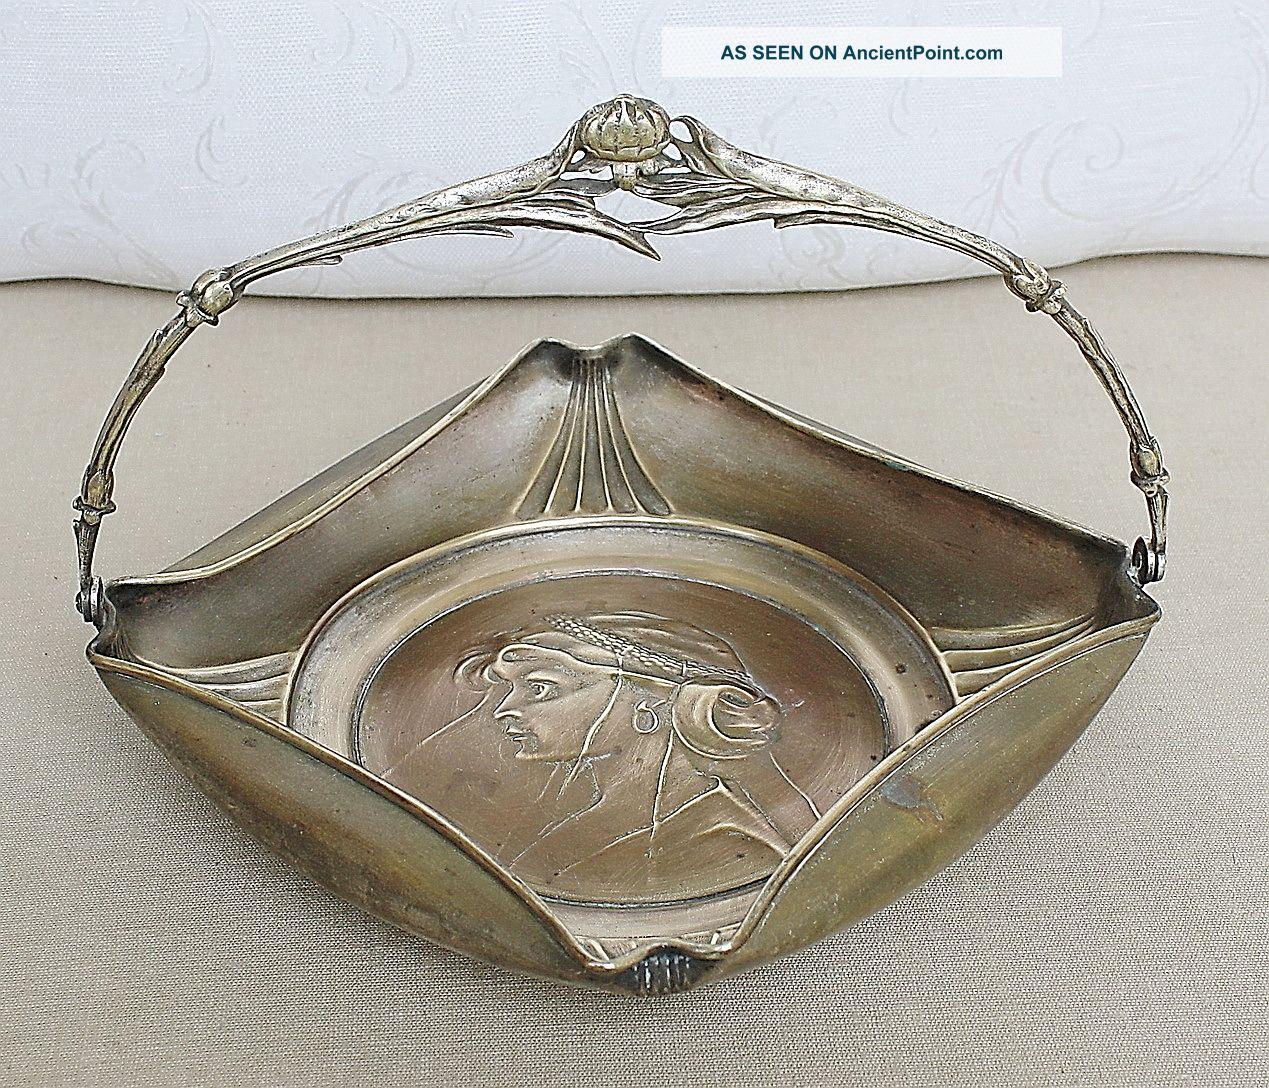 Art Nouveau Austria Argentor Silver Plated Basket Bowl Papaver Handle End 19th C Baskets photo